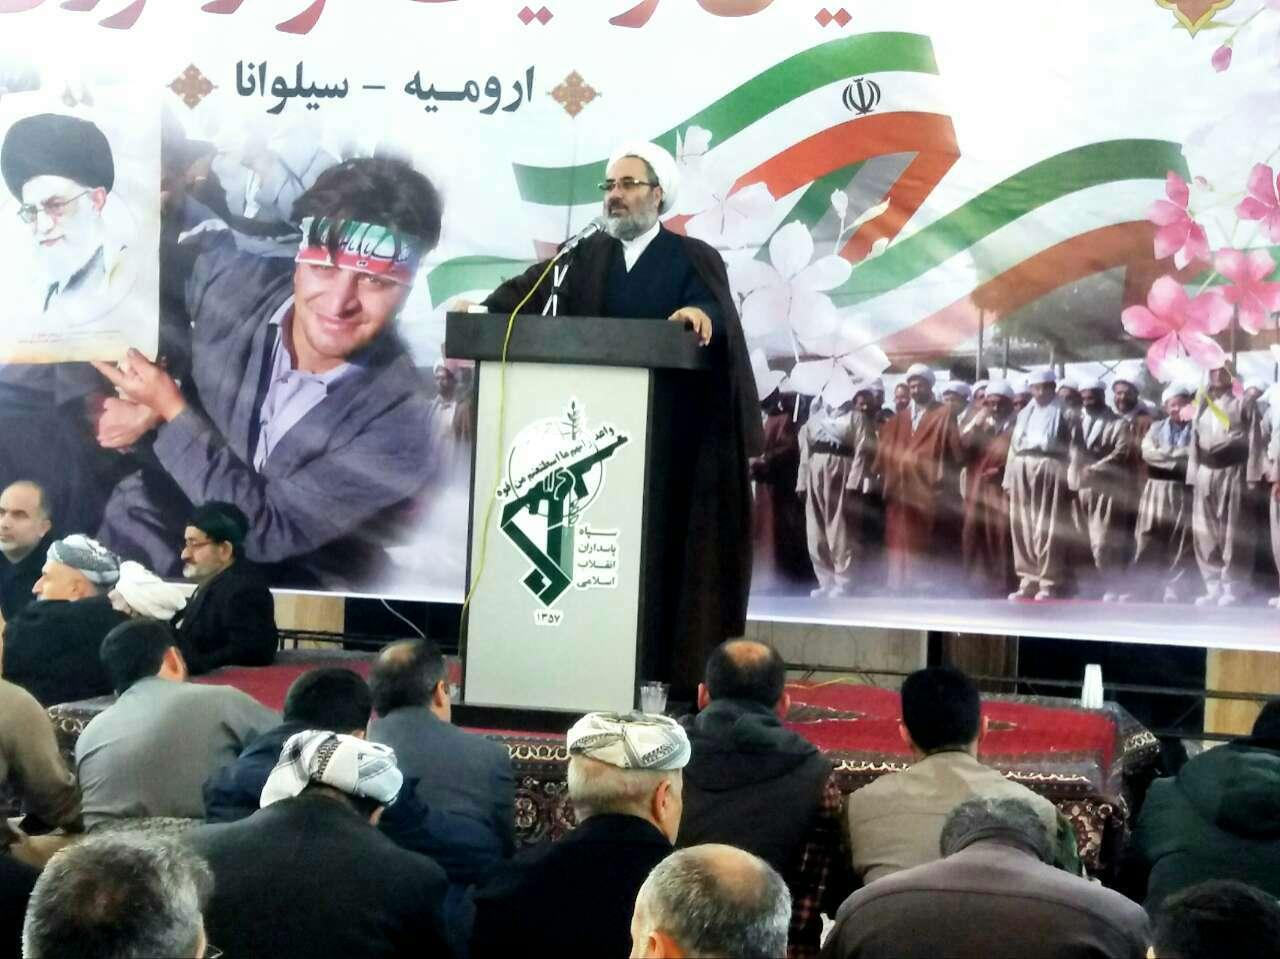 با همان صلابت ۴۰ ساله زیر سایه پرچم رهبر فرزانه انقلاب می ایستیم